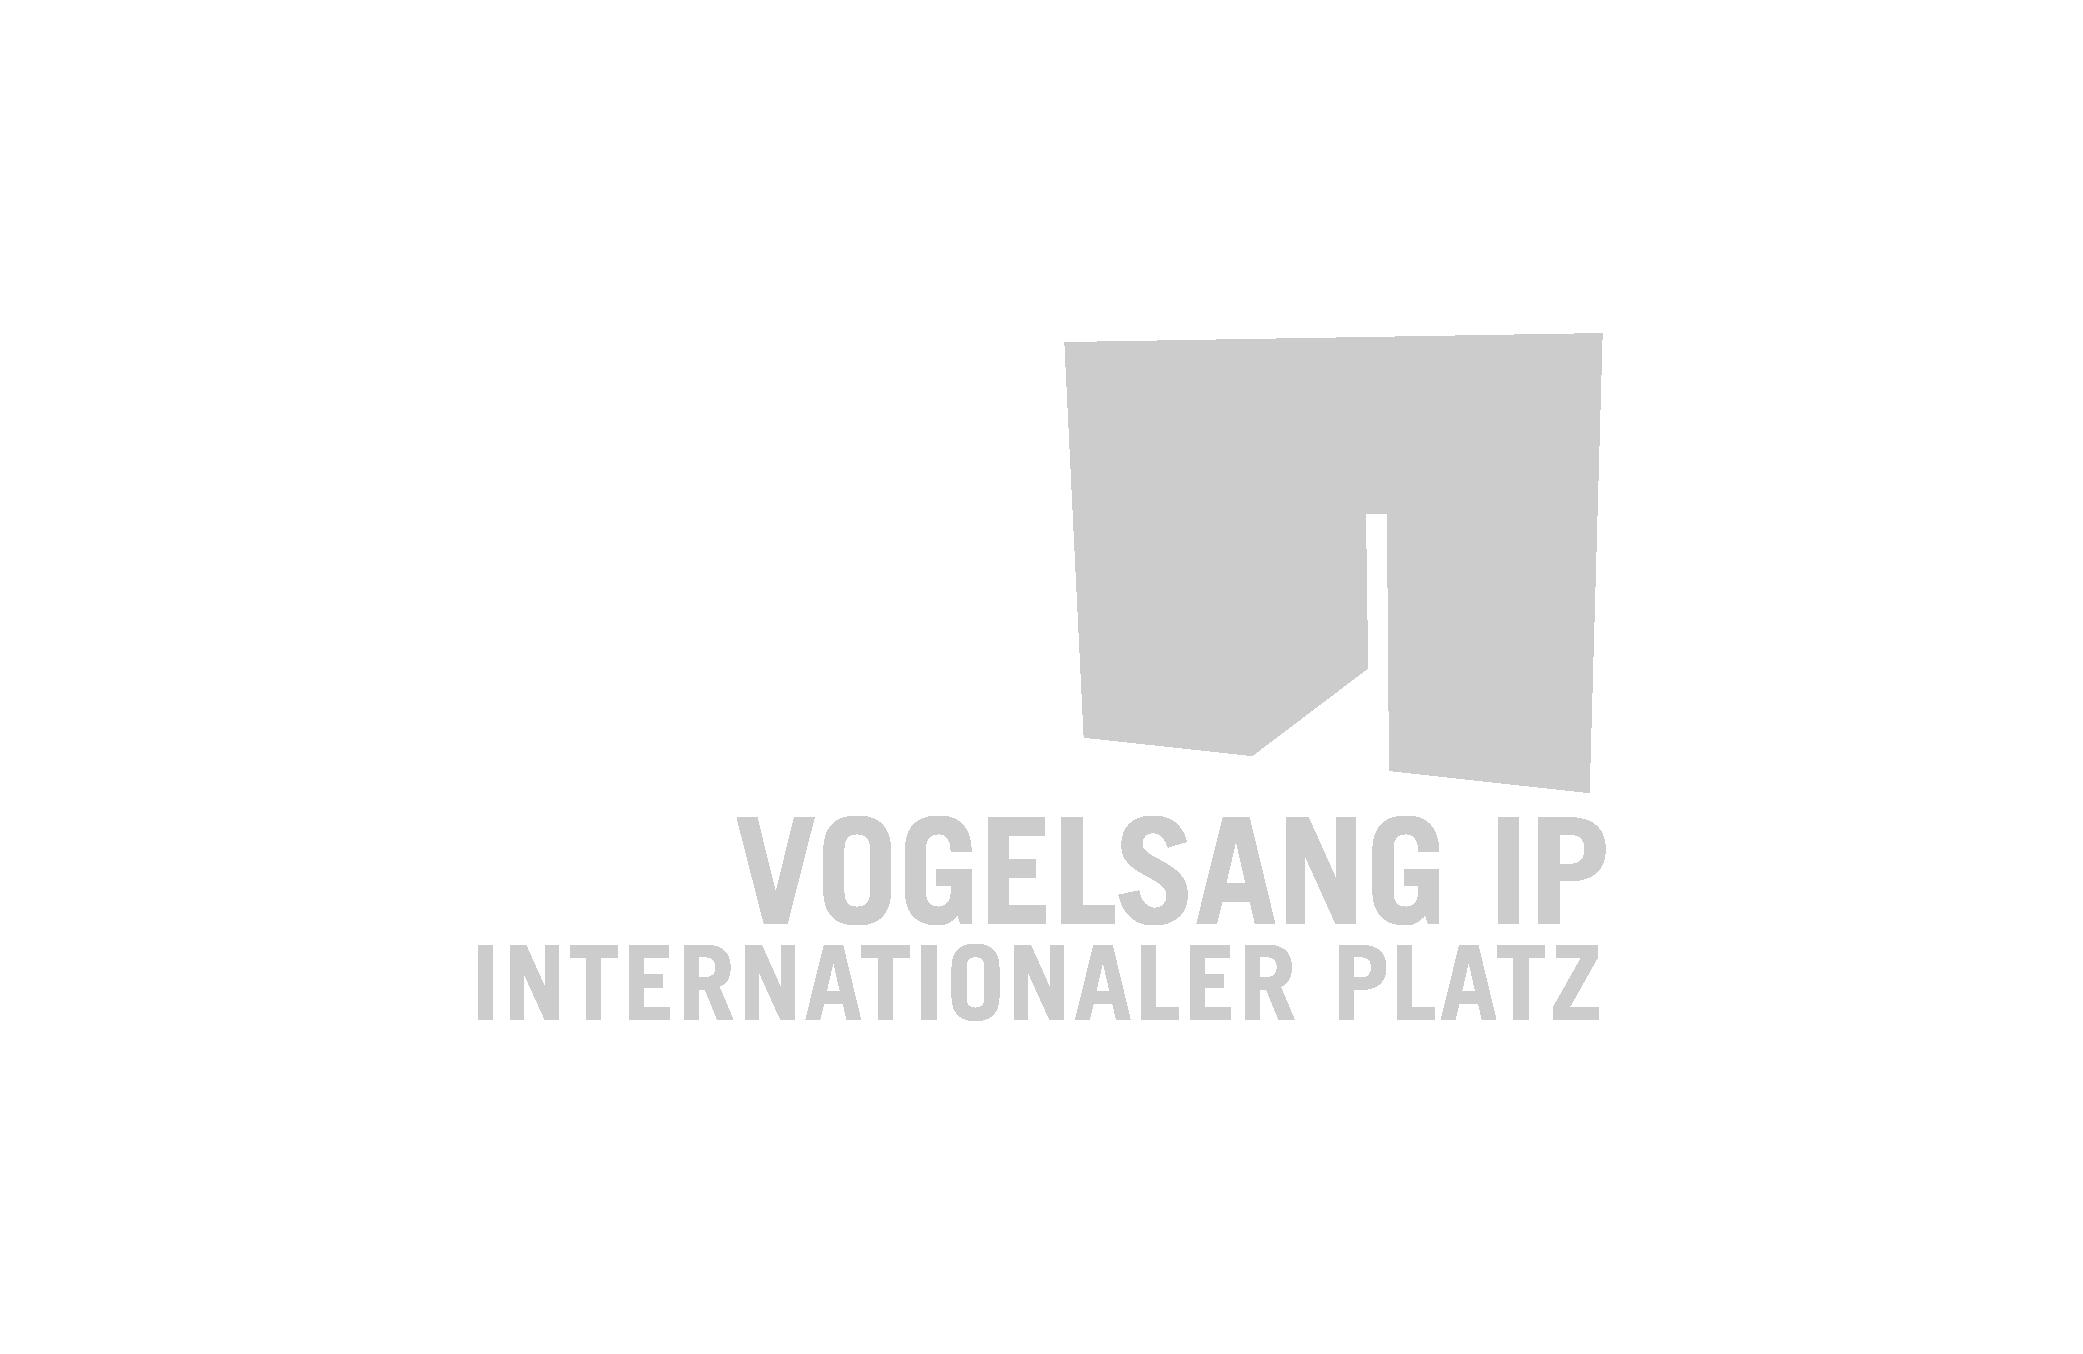 Vogelsang IP